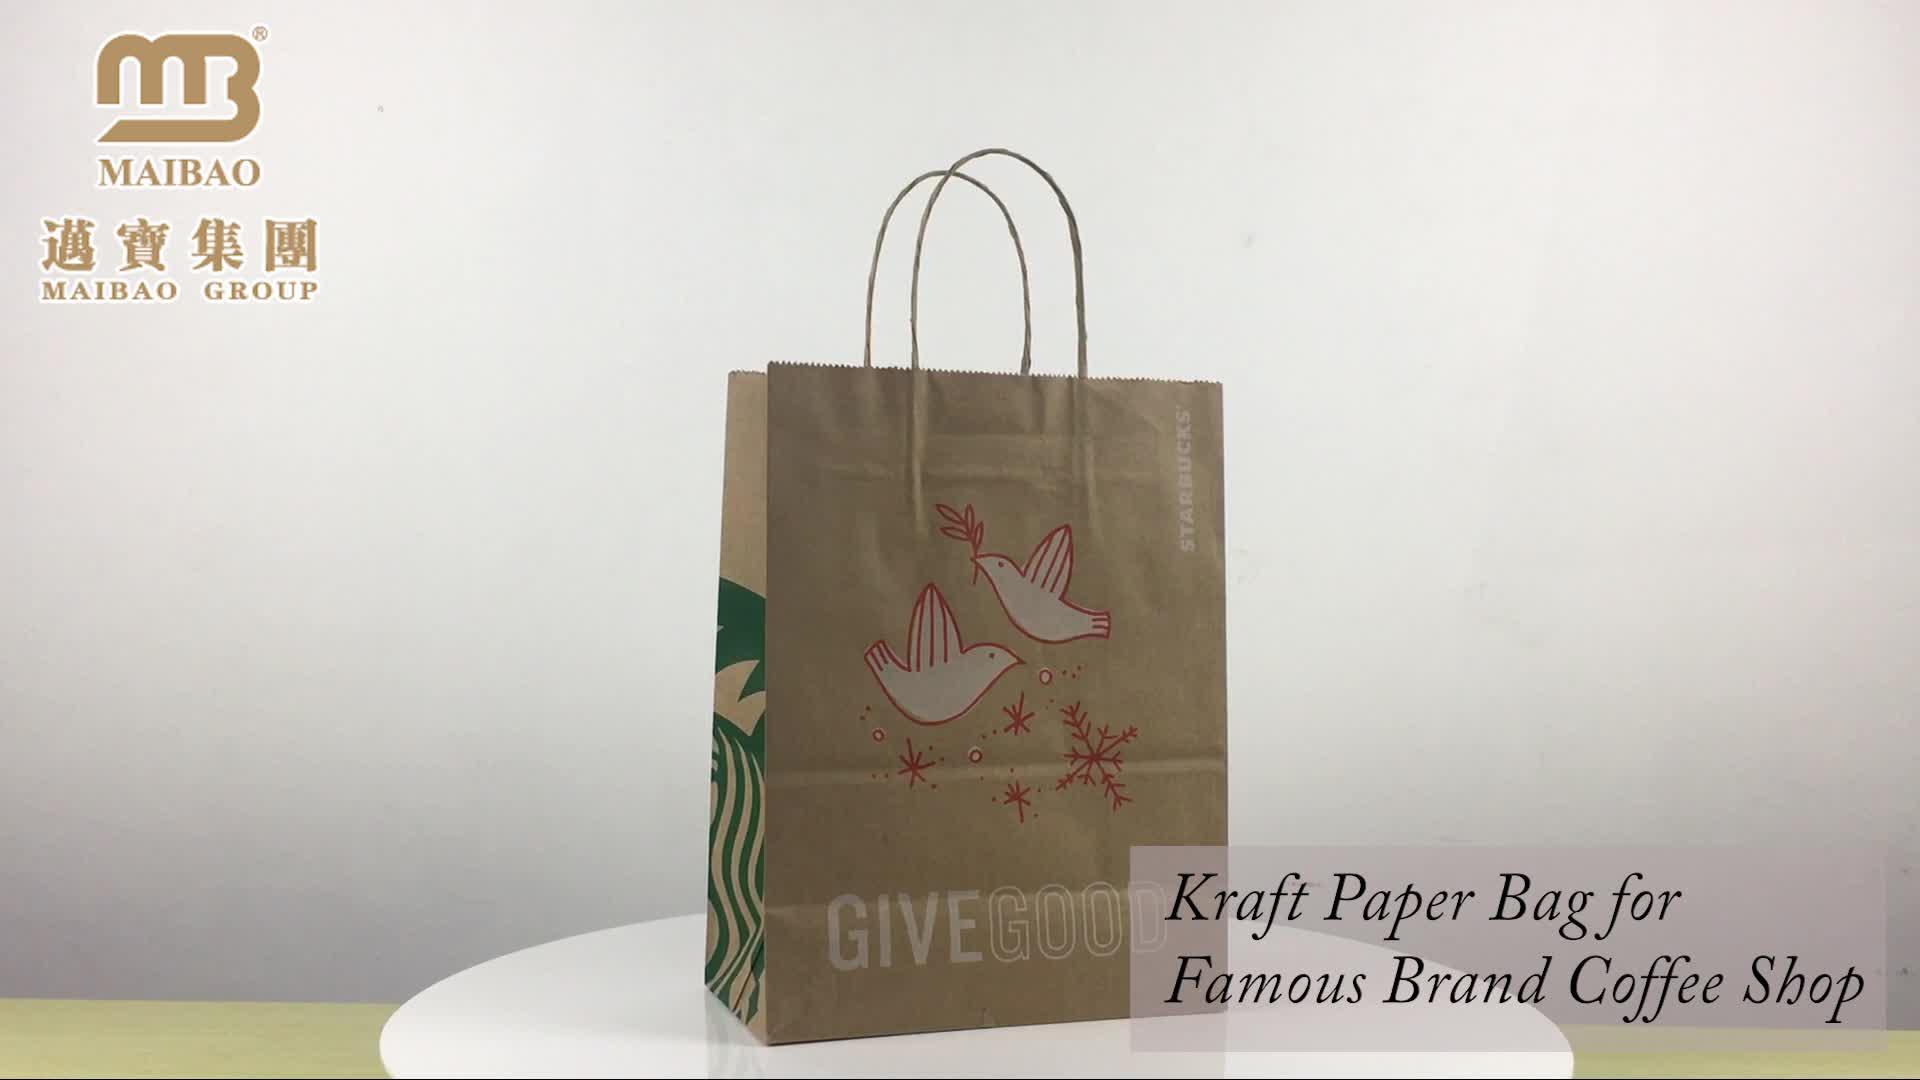 カスタムロゴ印刷リサイクル食品グレード小売パンテイクアウト多層クラフト紙袋ロープハンドルで